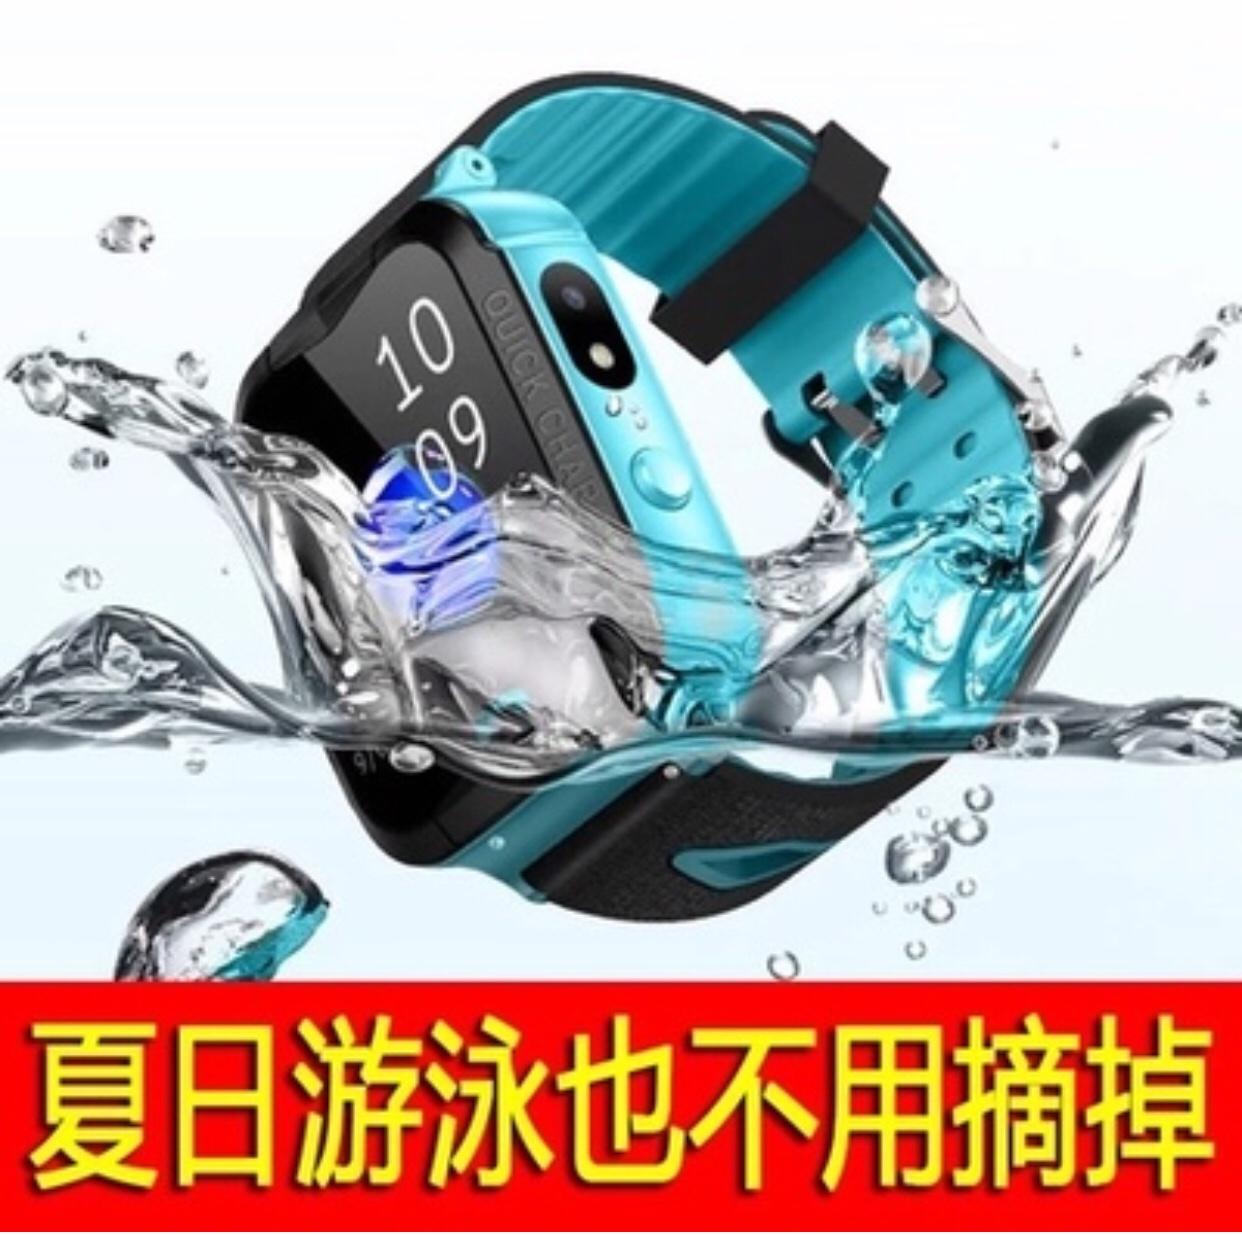 热销0件手慢无新款惟思小天才【100%防水】电话手表